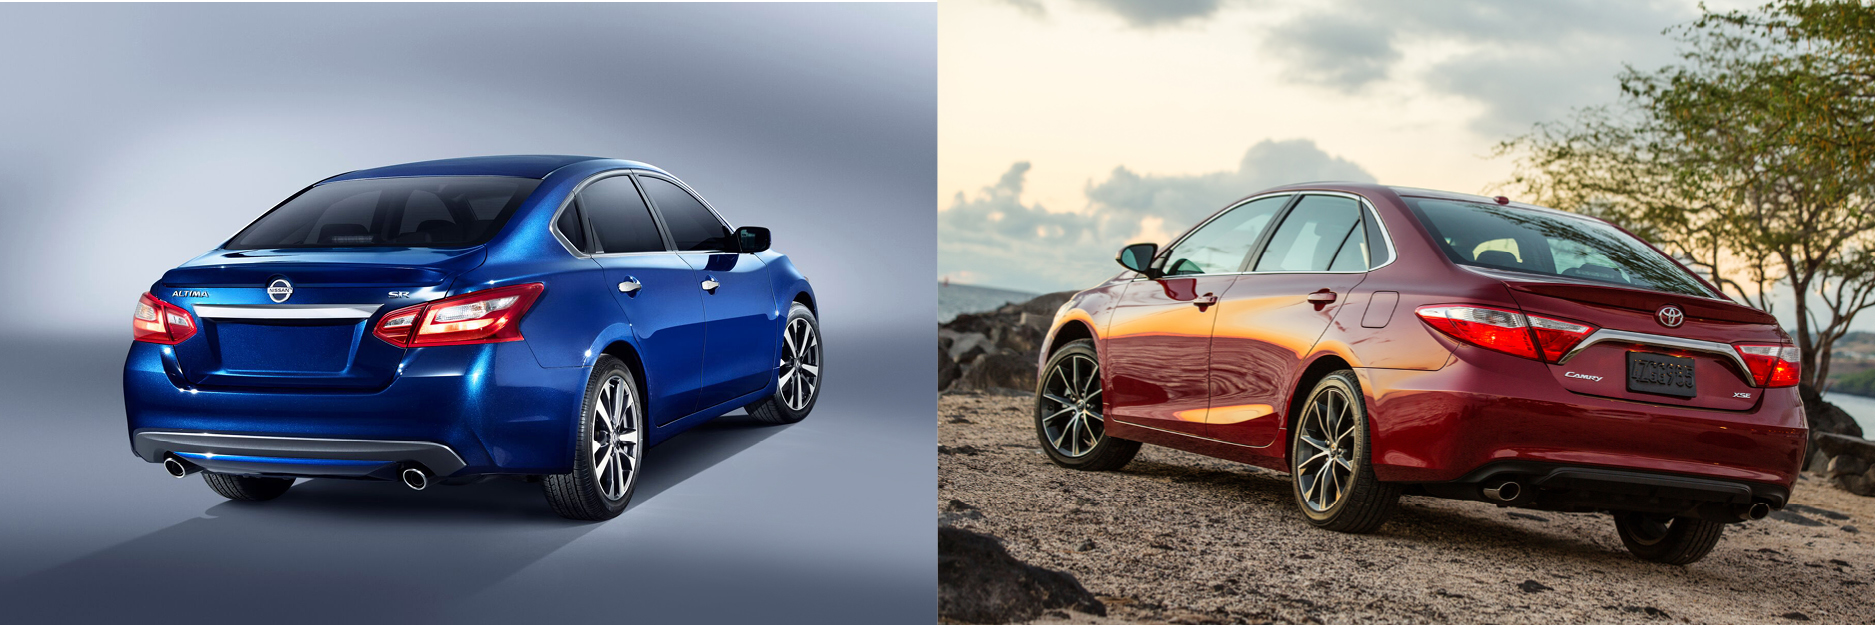 Nissan Altima 2019 vs Toyota Camry 2019 – Le maître et son élève